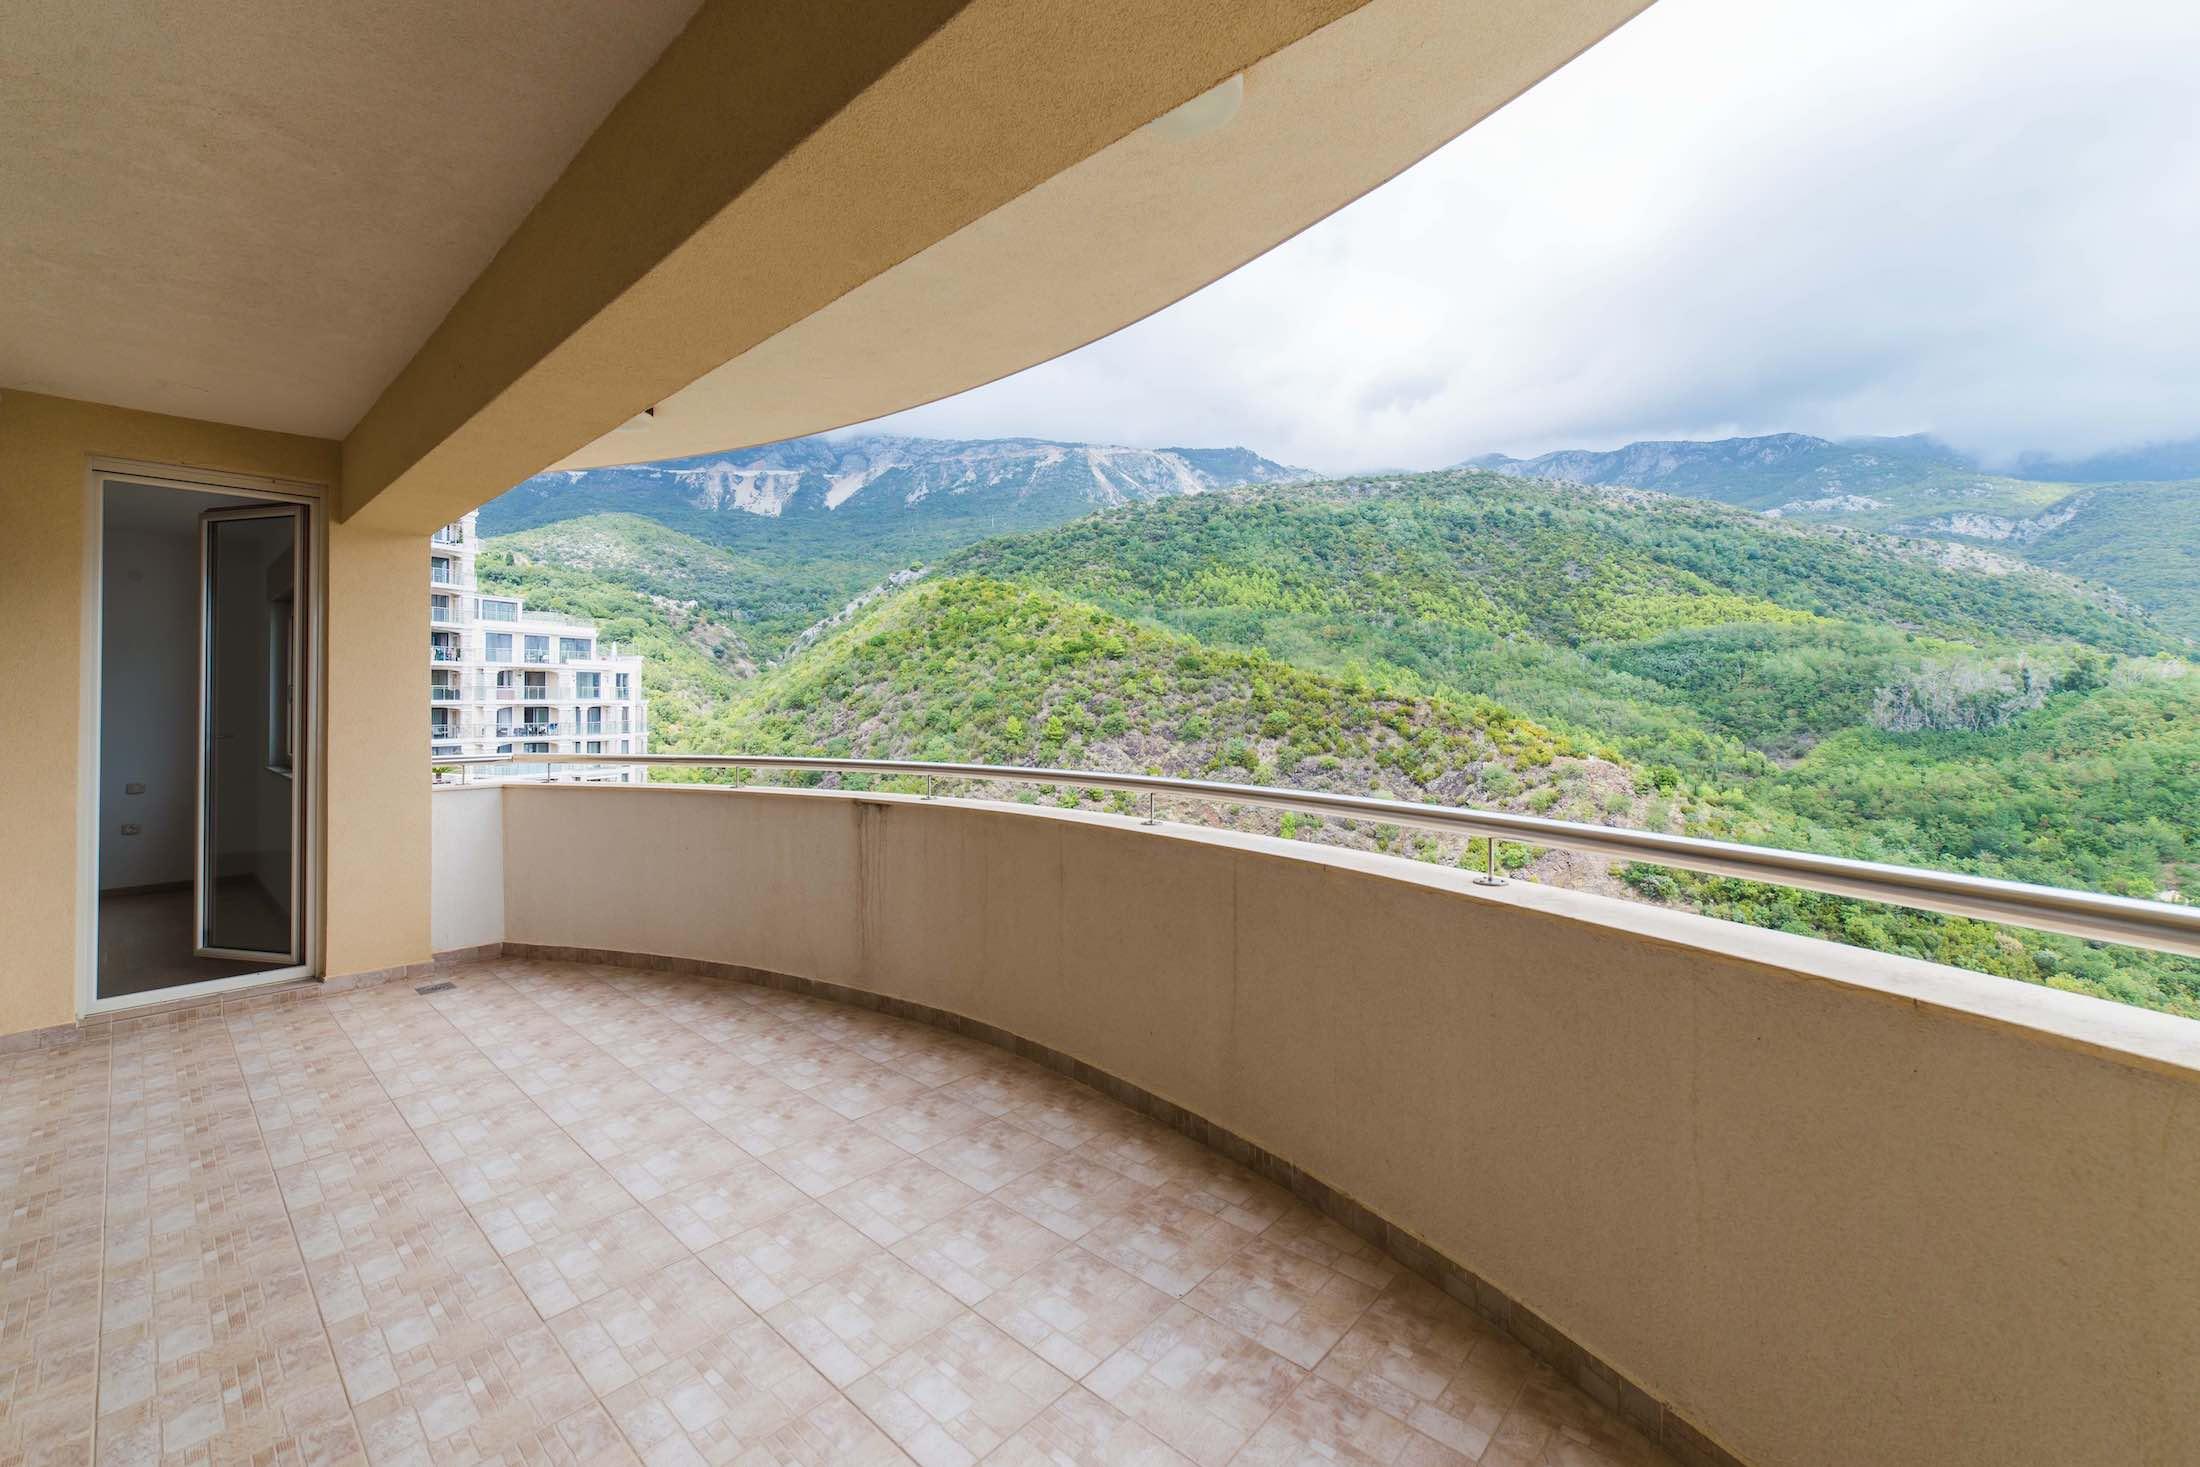 IVANOVICI ANATOLIA доходная недвижимость в черногории Бечичи Будва17.jpeg